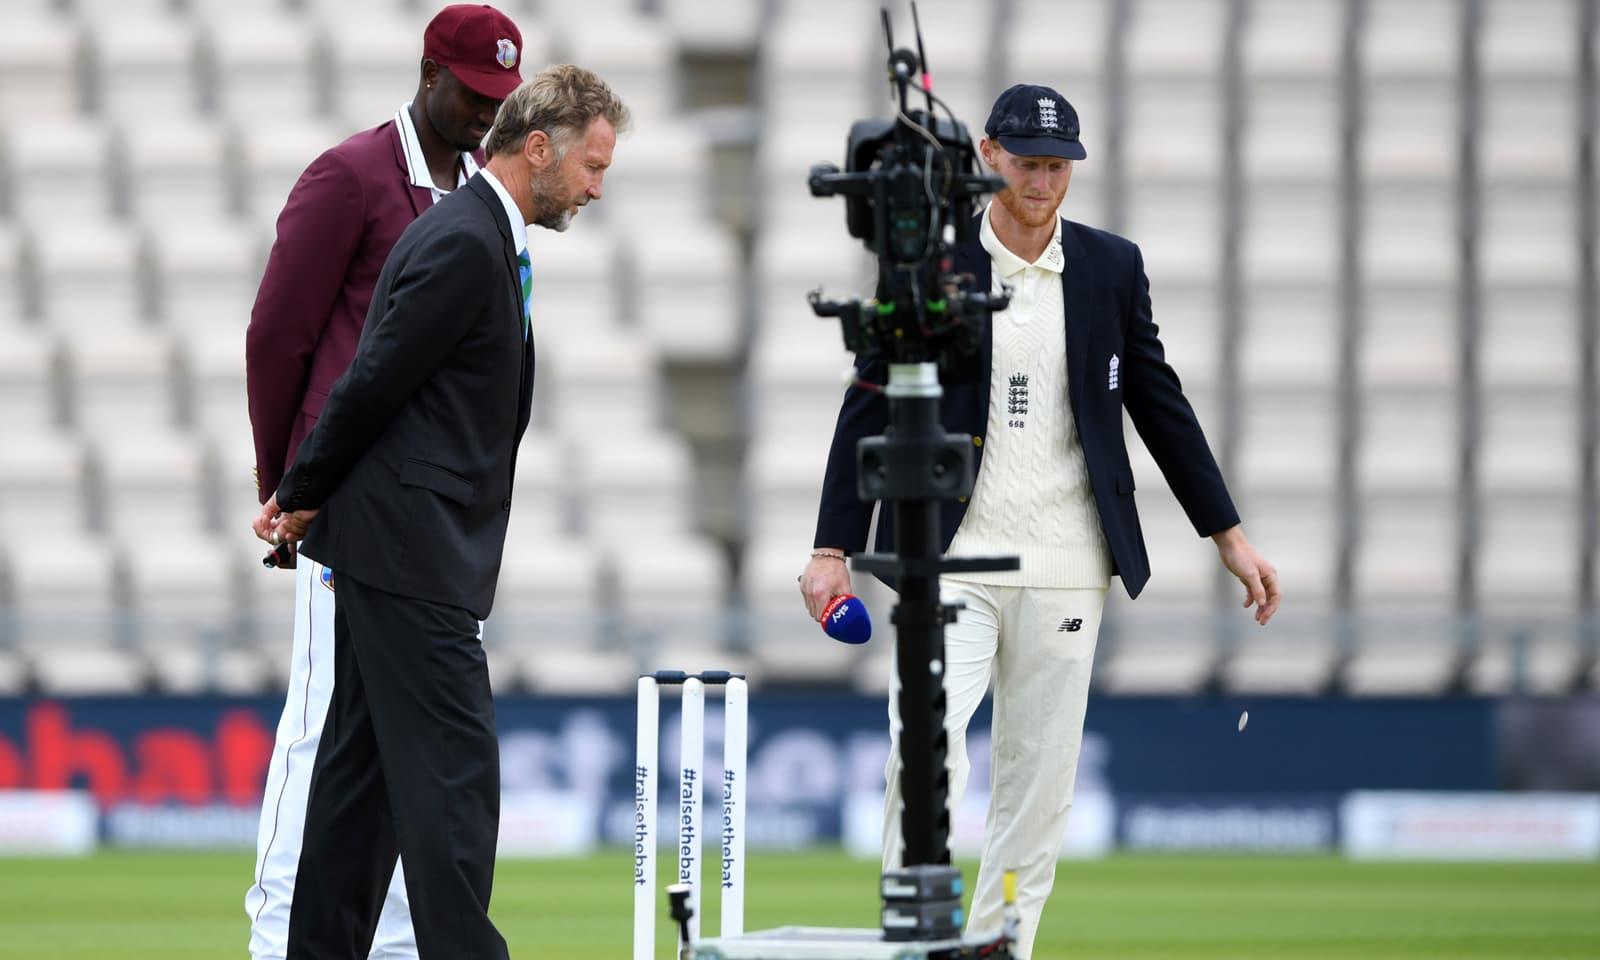 انگلینڈ اور ویسٹ انڈیز کے کپتان ٹاس کے موقع پر سکے کو دیکھ رہے ہیں — فوٹو: رائٹرز